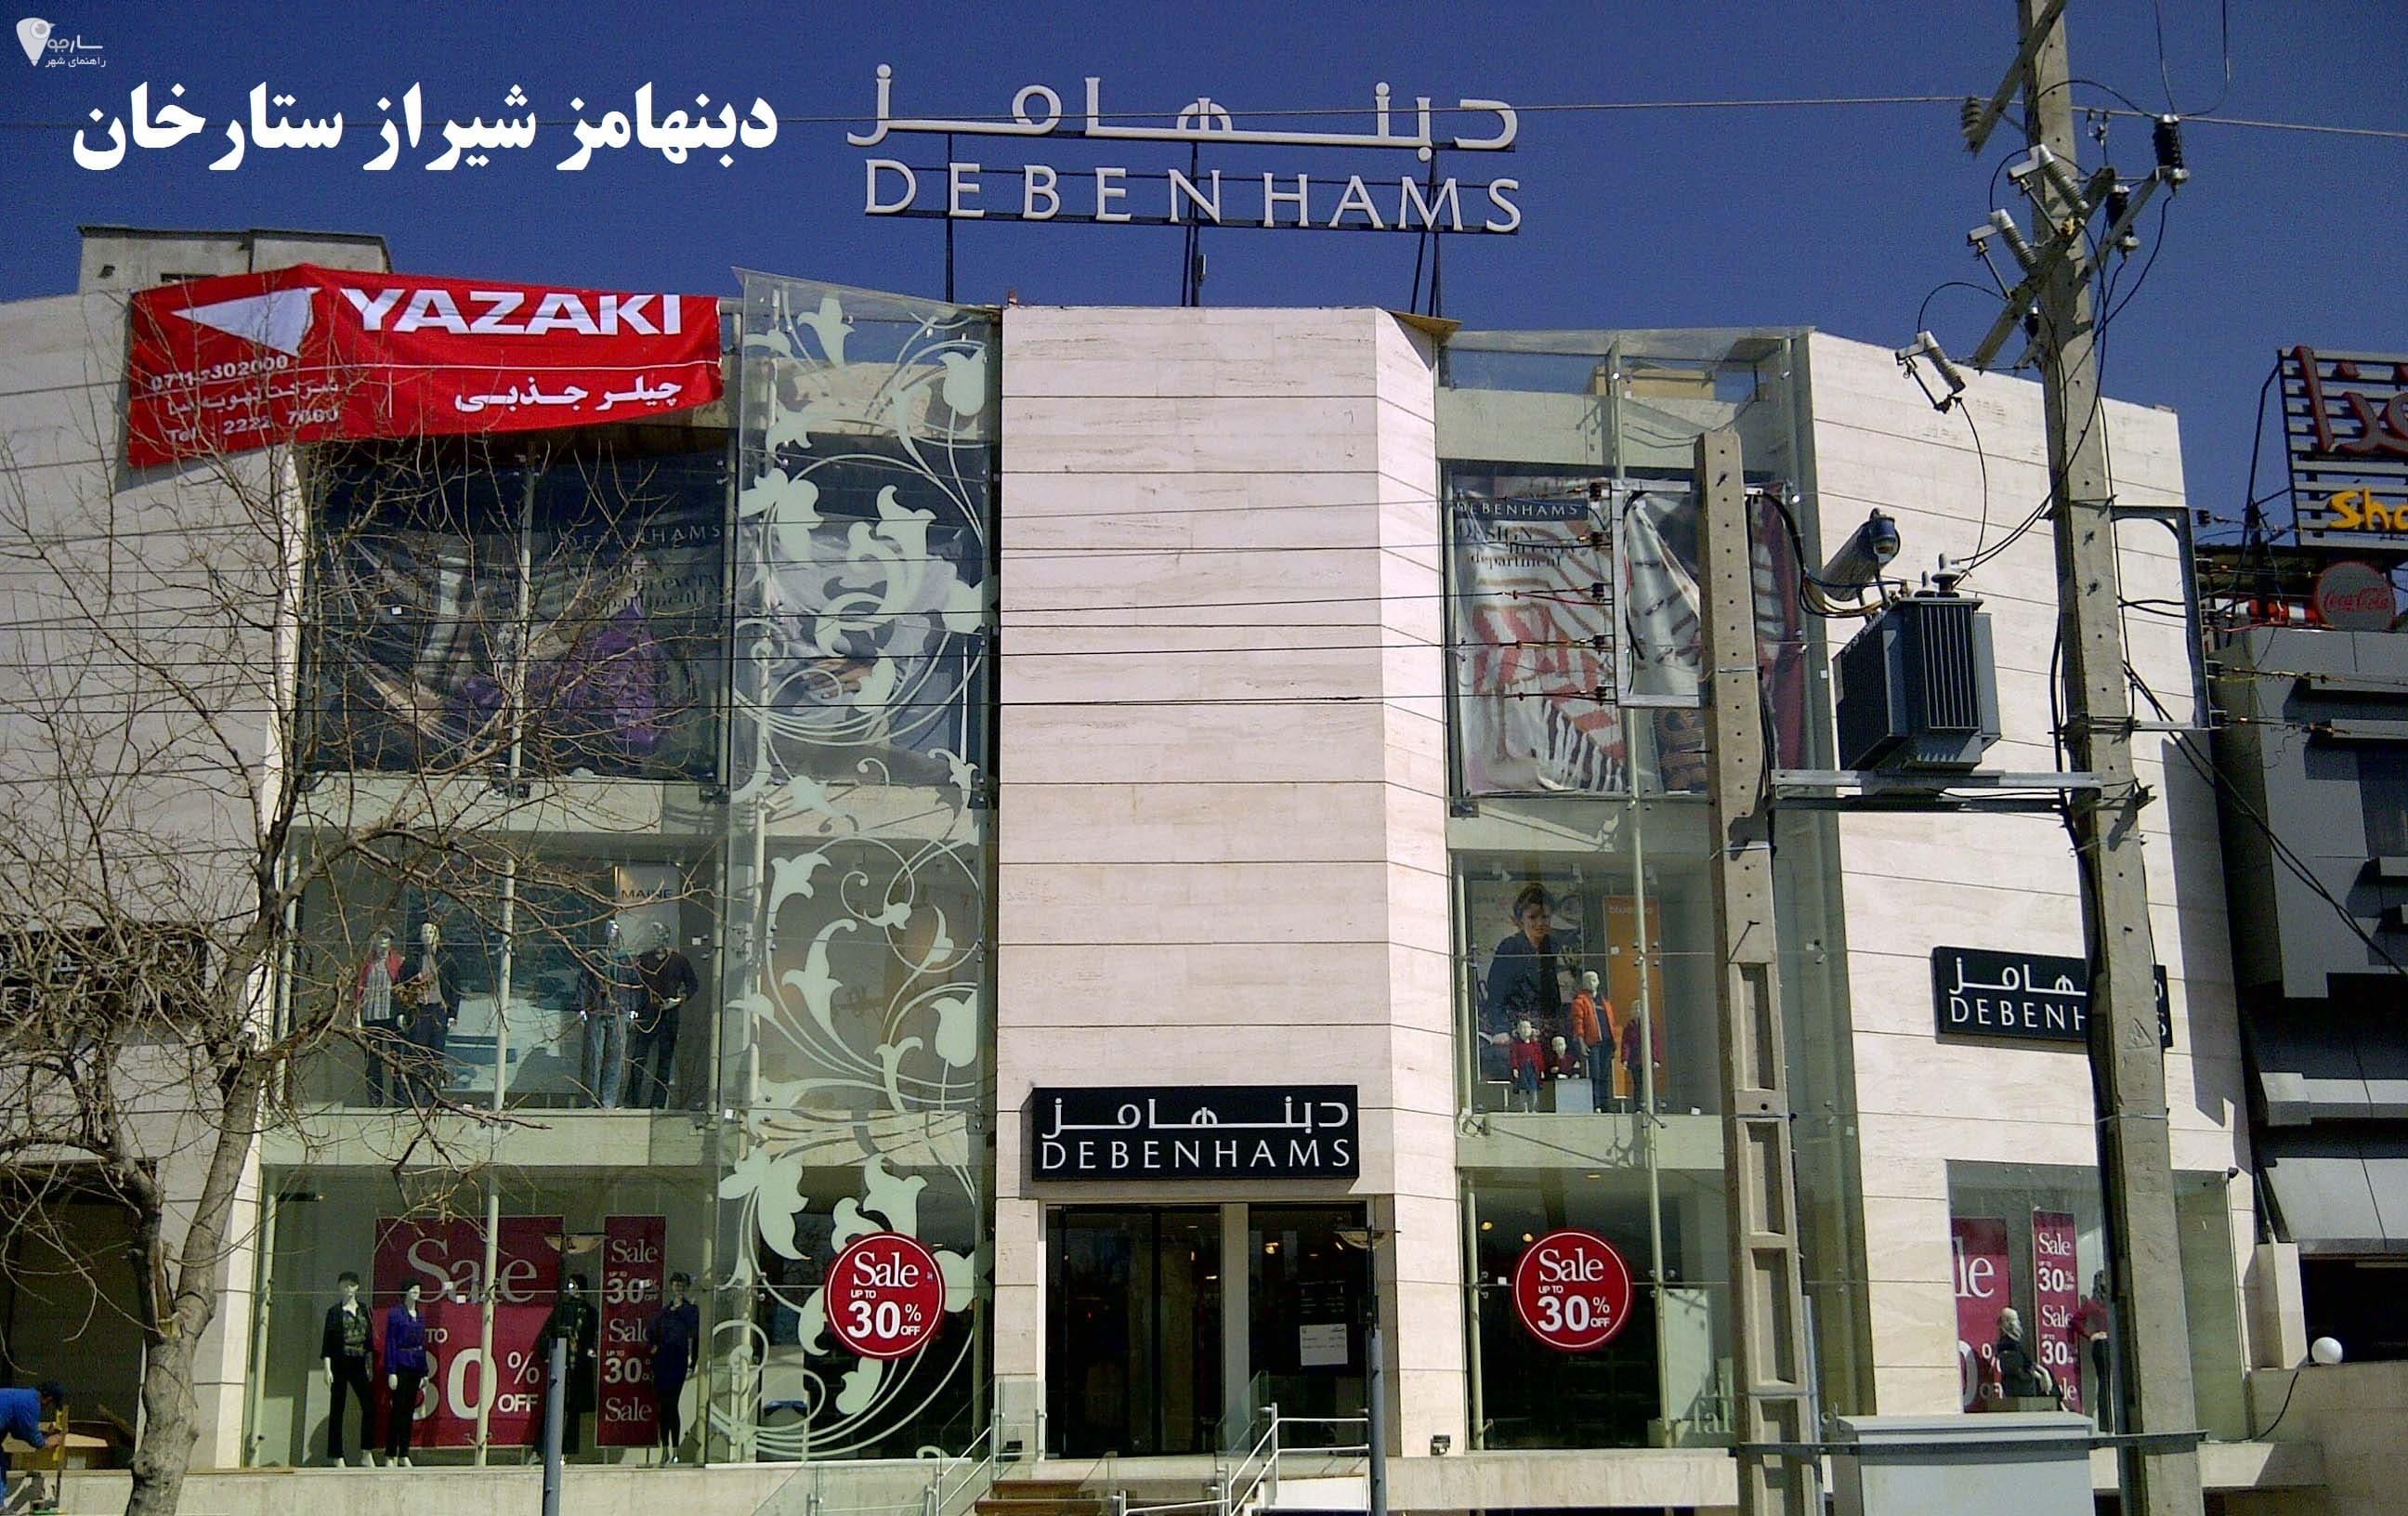 دبنهامز شیراز ستارخان